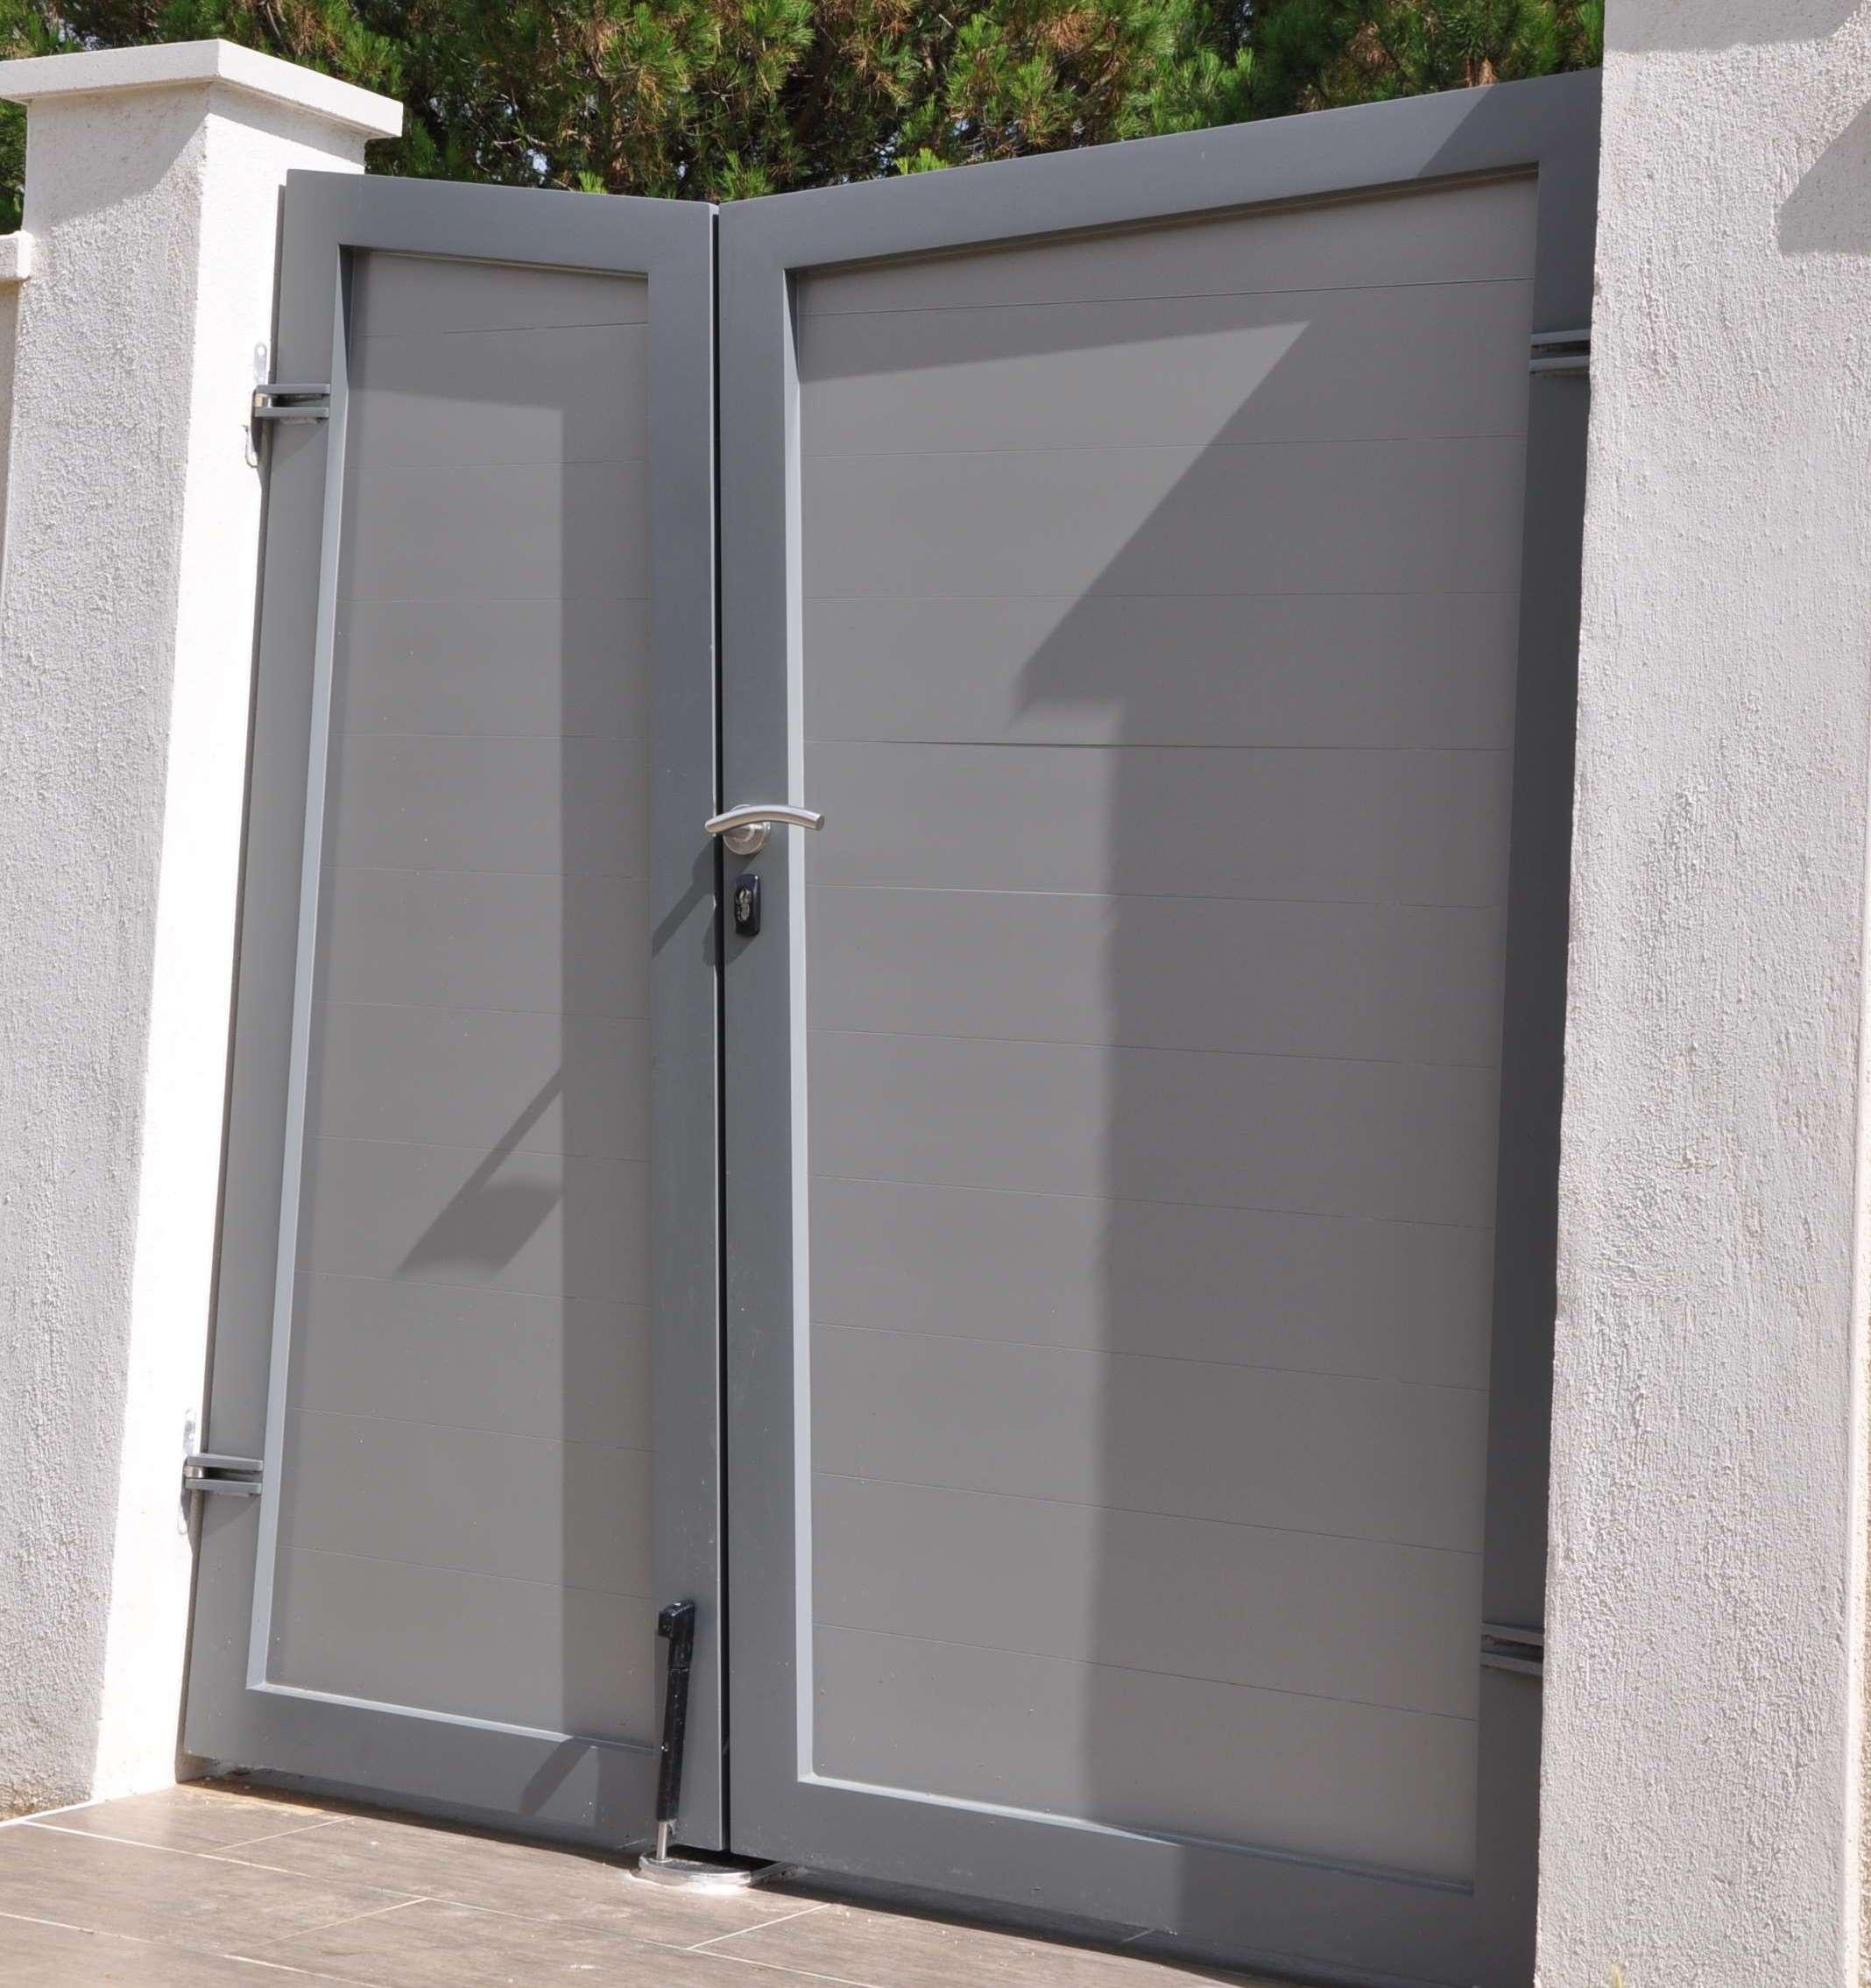 Portail deux battants en aluminium 1.8m - peinture carosserie couleur au choix - vue intérieure